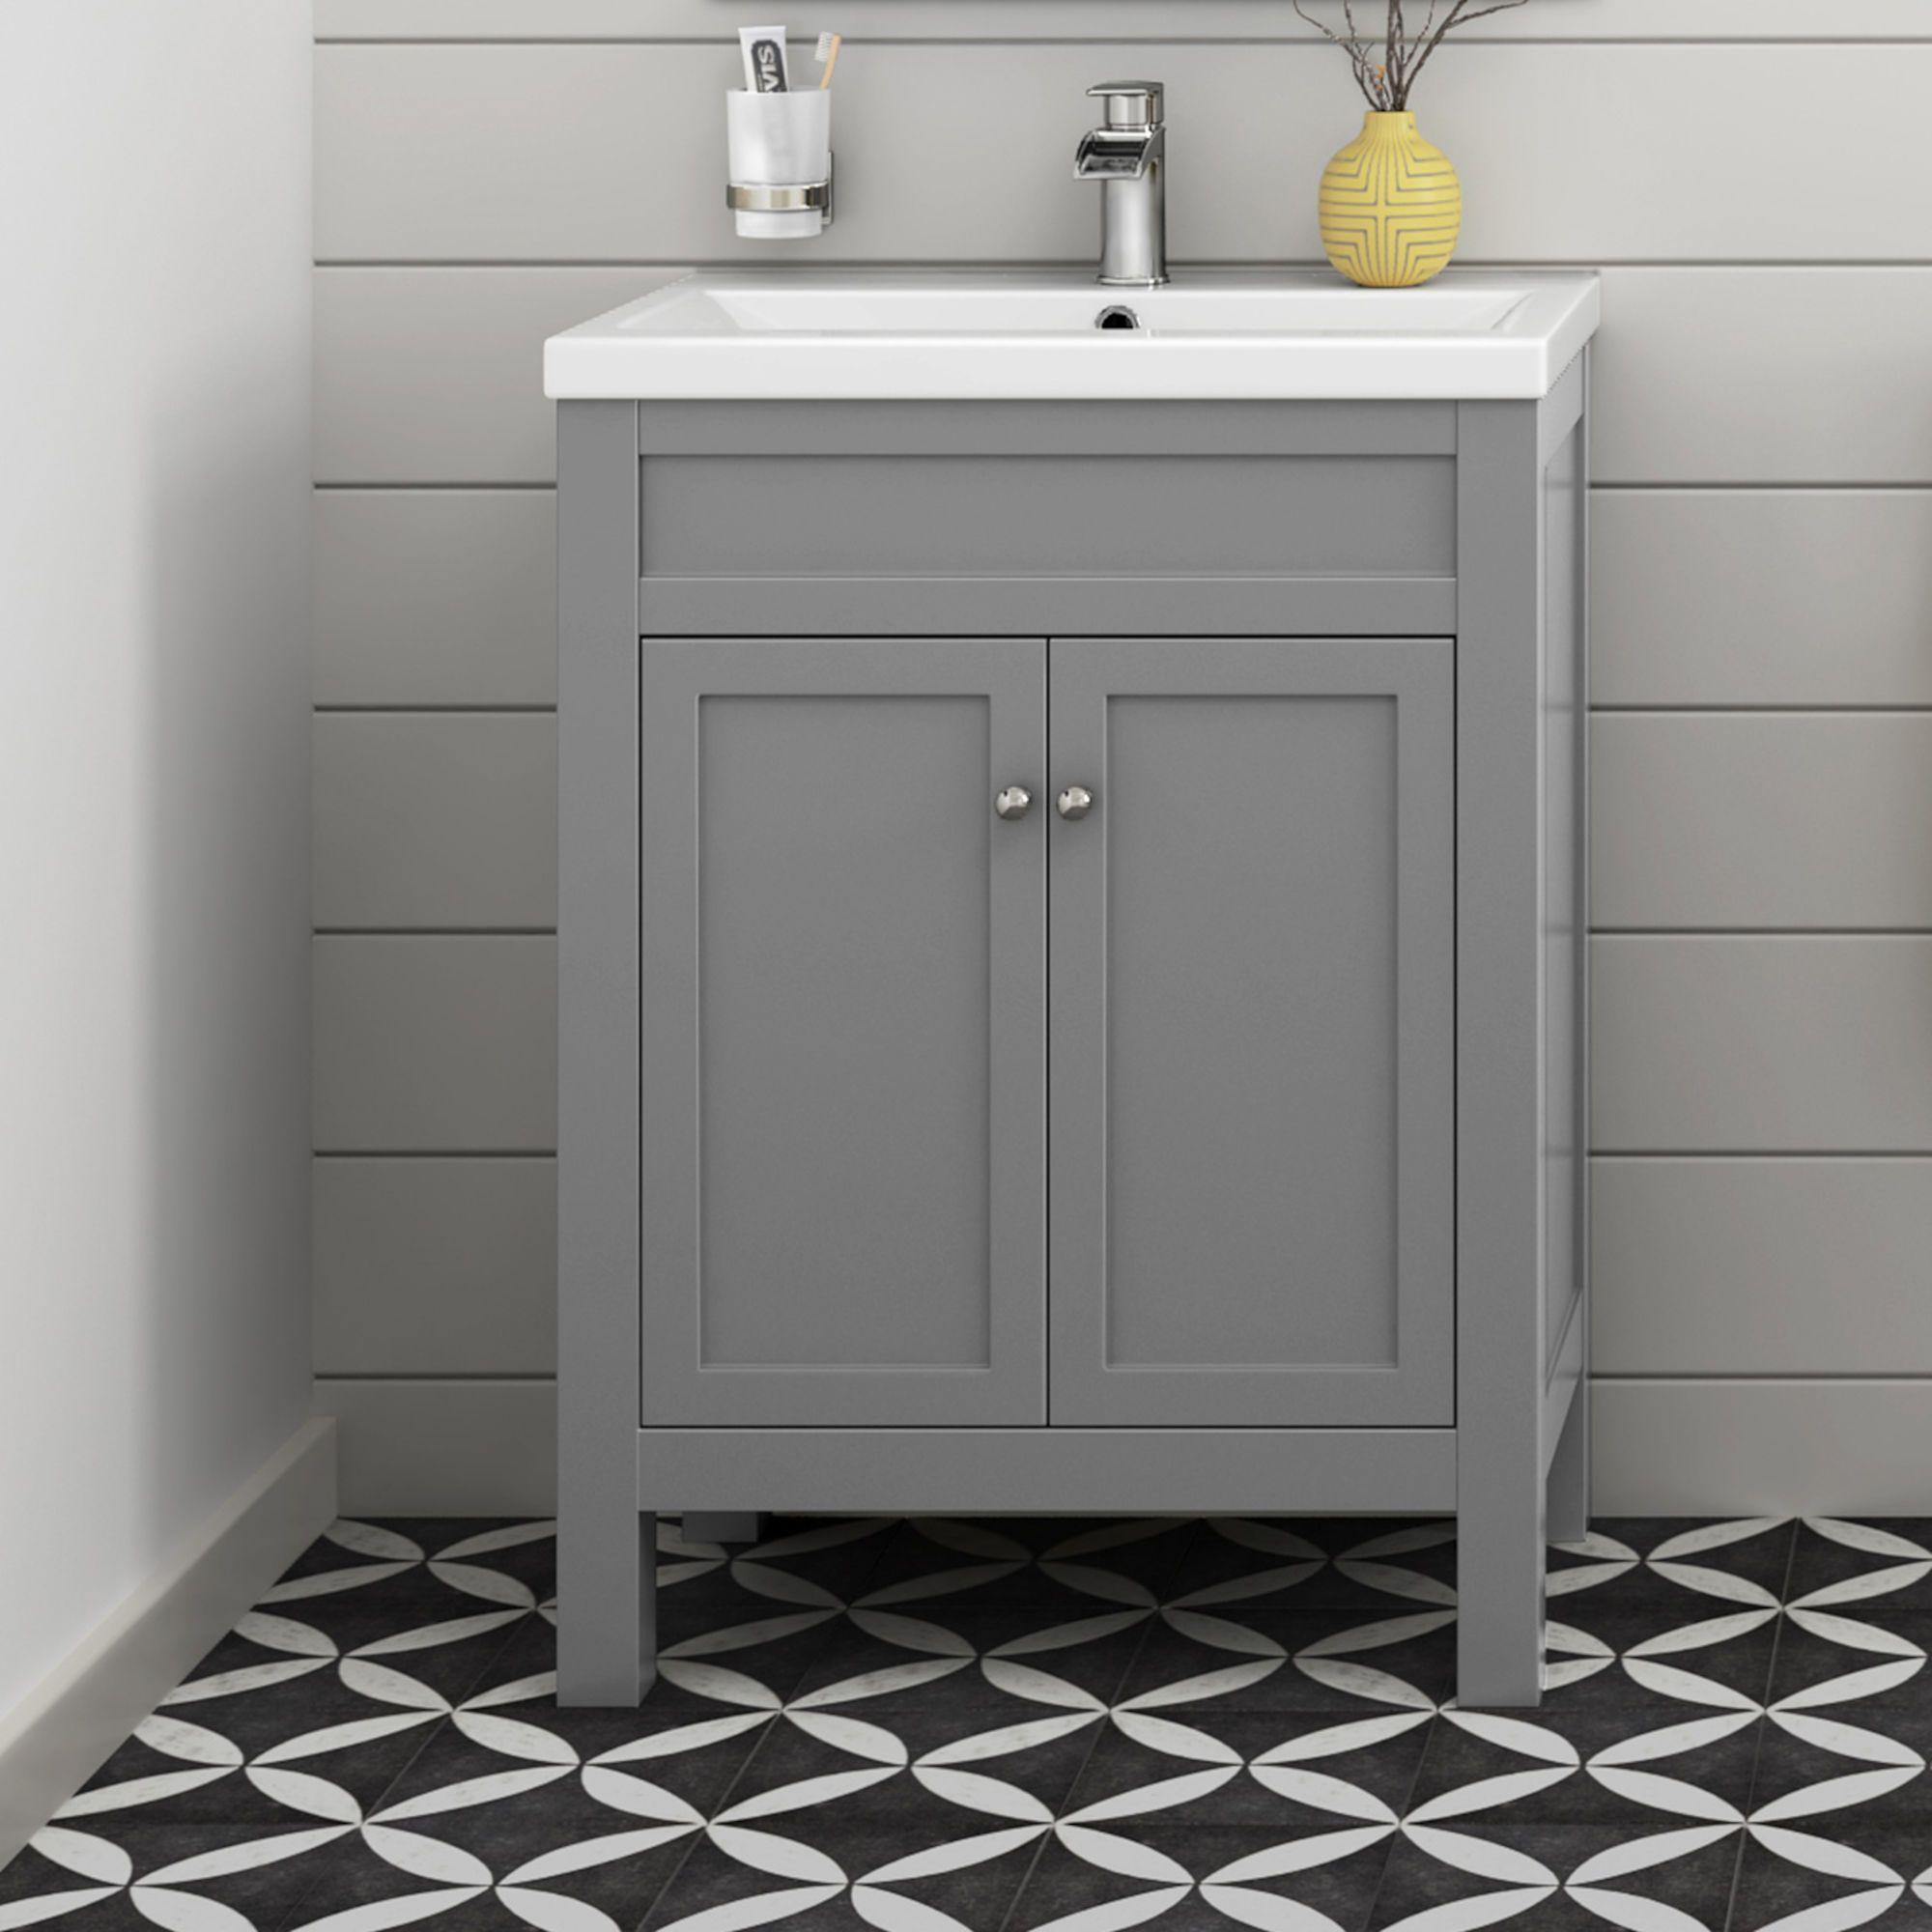 600mm Melbourne Earl Grey Double Door Vanity Unit Floor Standing Bathroom Sink Units Bathroom Vanity Units Grey Vanity Unit